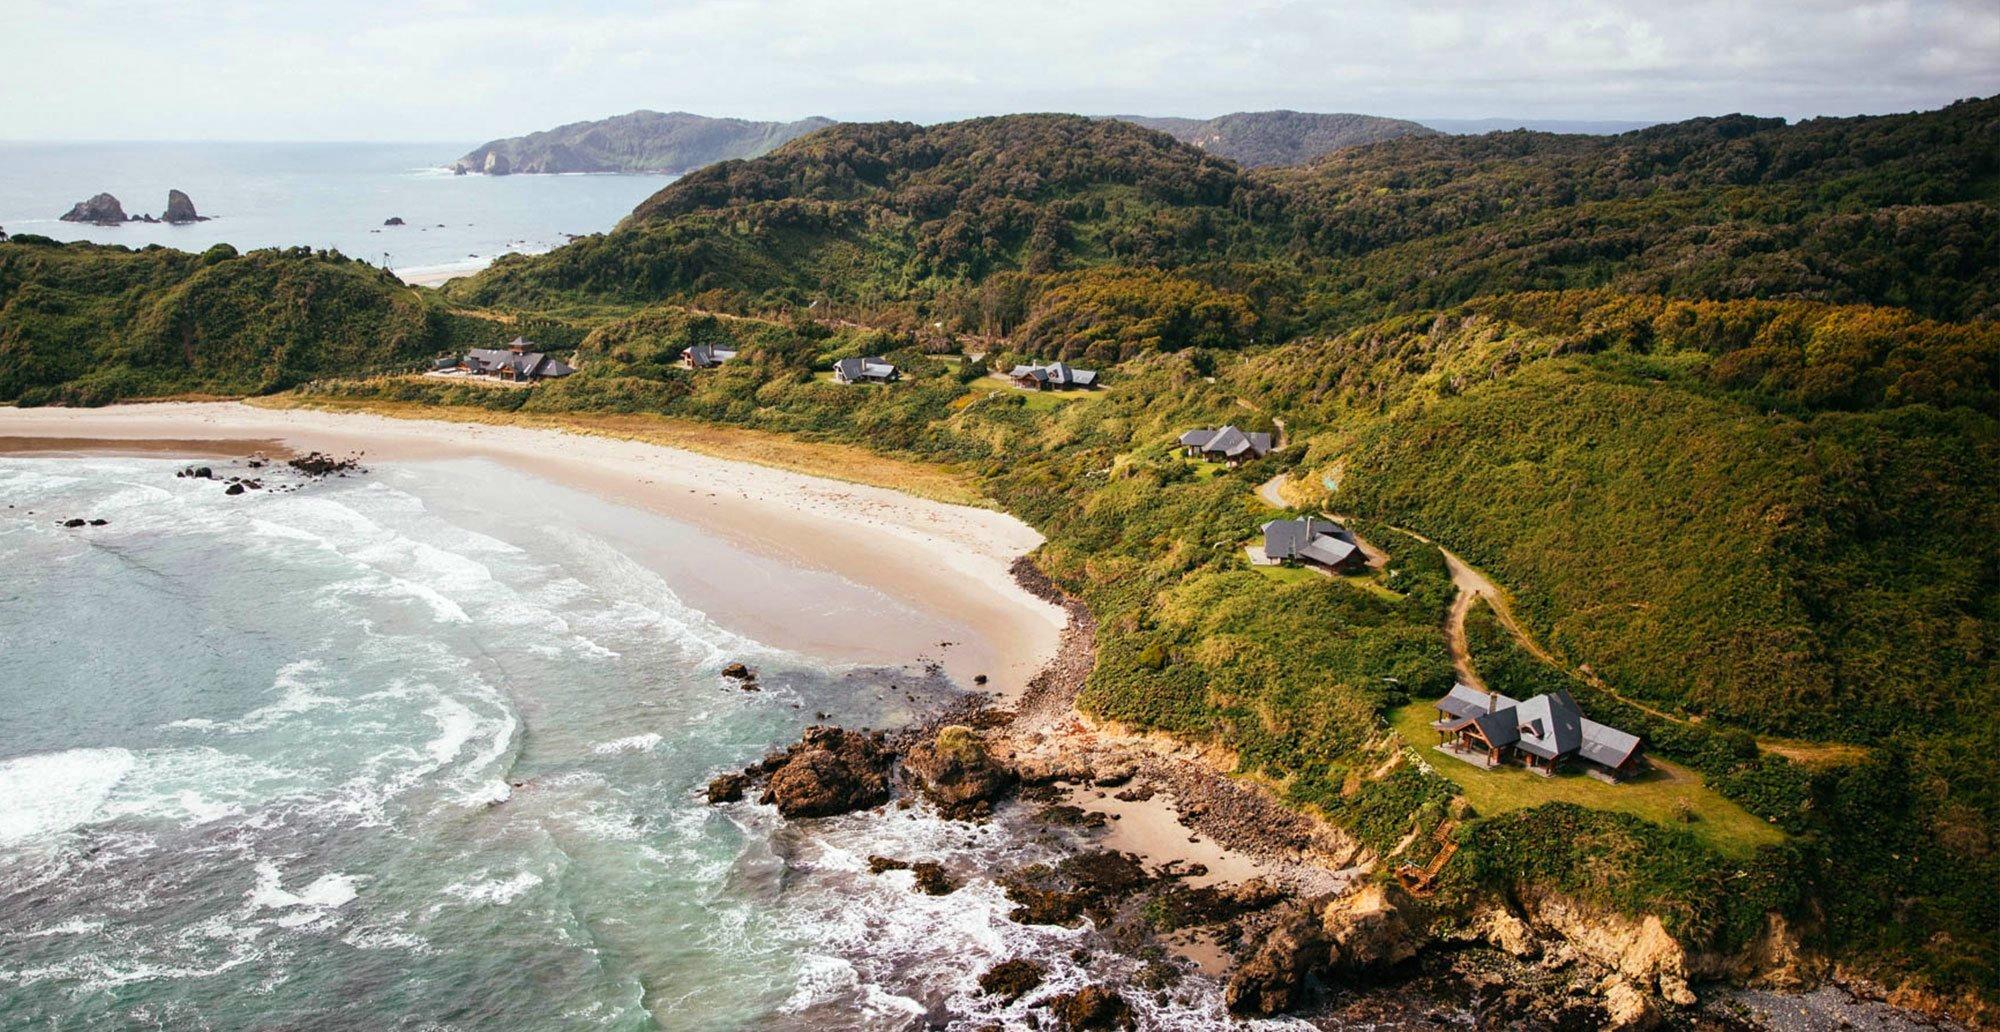 Vista aérea del Hotel Mari Mari y sus seis villas en medio del bosque y junto al mar